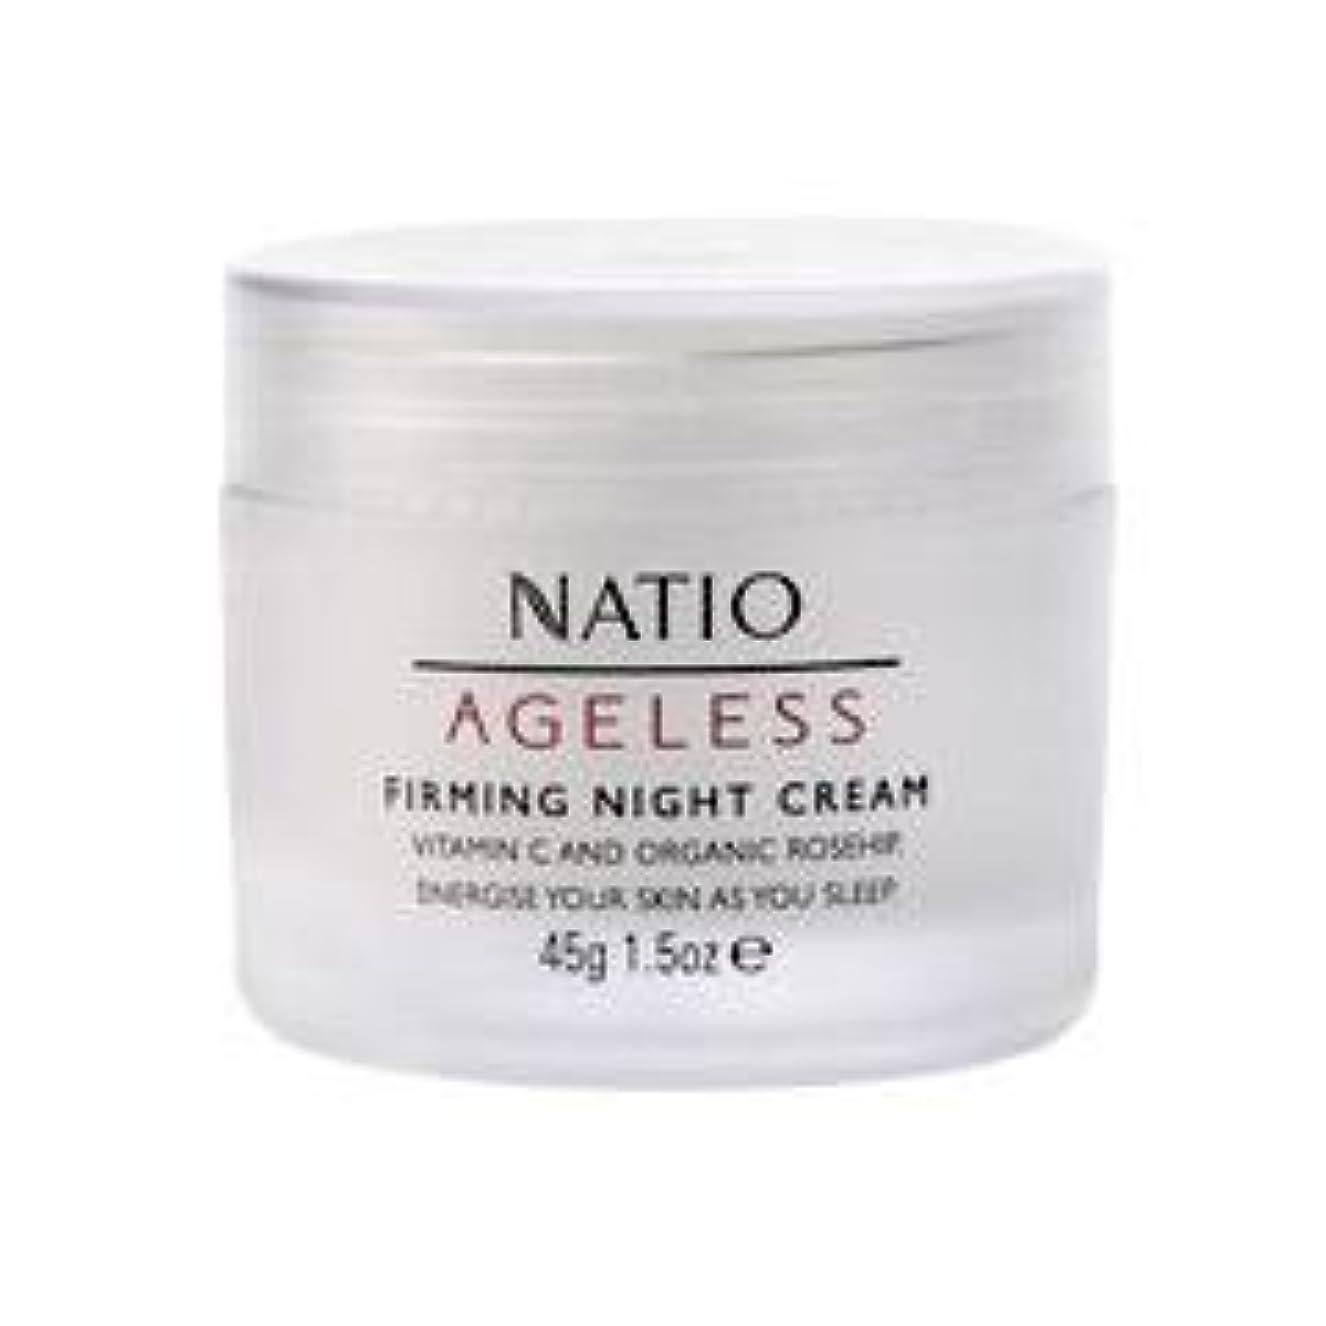 ジャズ国勢調査ナサニエル区【NATIO Ageless Firming Night Cream】 ナティオ ナイトクリーム [海外直送品]